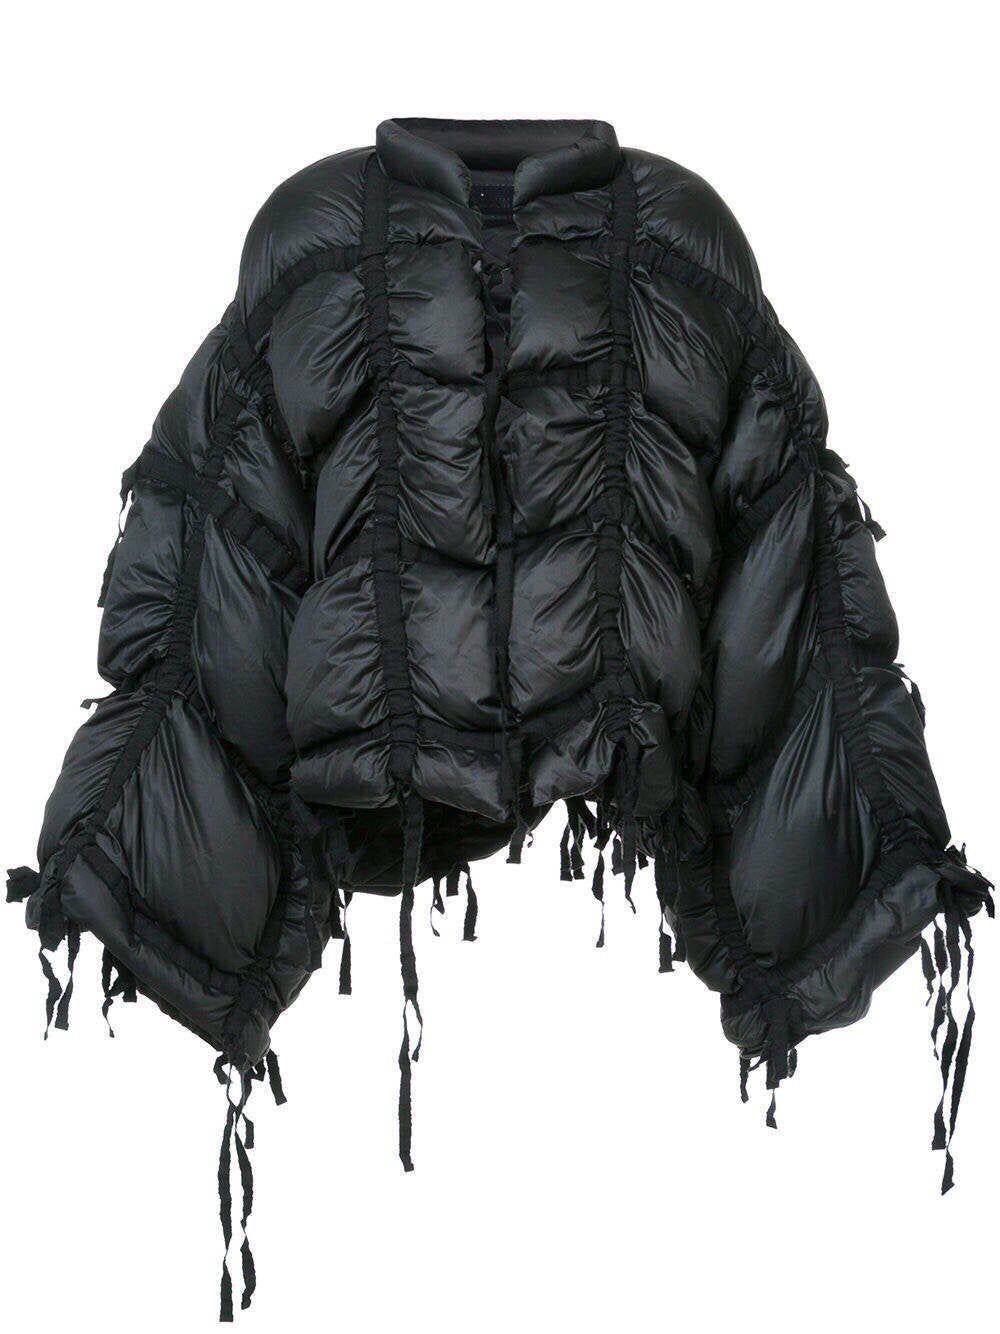 Puffer Jacket Bomber Jacket Avant Garde Coat Black Jacket Quilted Coat Plus Size Clothing Oversized Coat Winter Coat For Women Winter Coats Women Quilted Bomber Jacket Black Jacket [ 1334 x 1000 Pixel ]